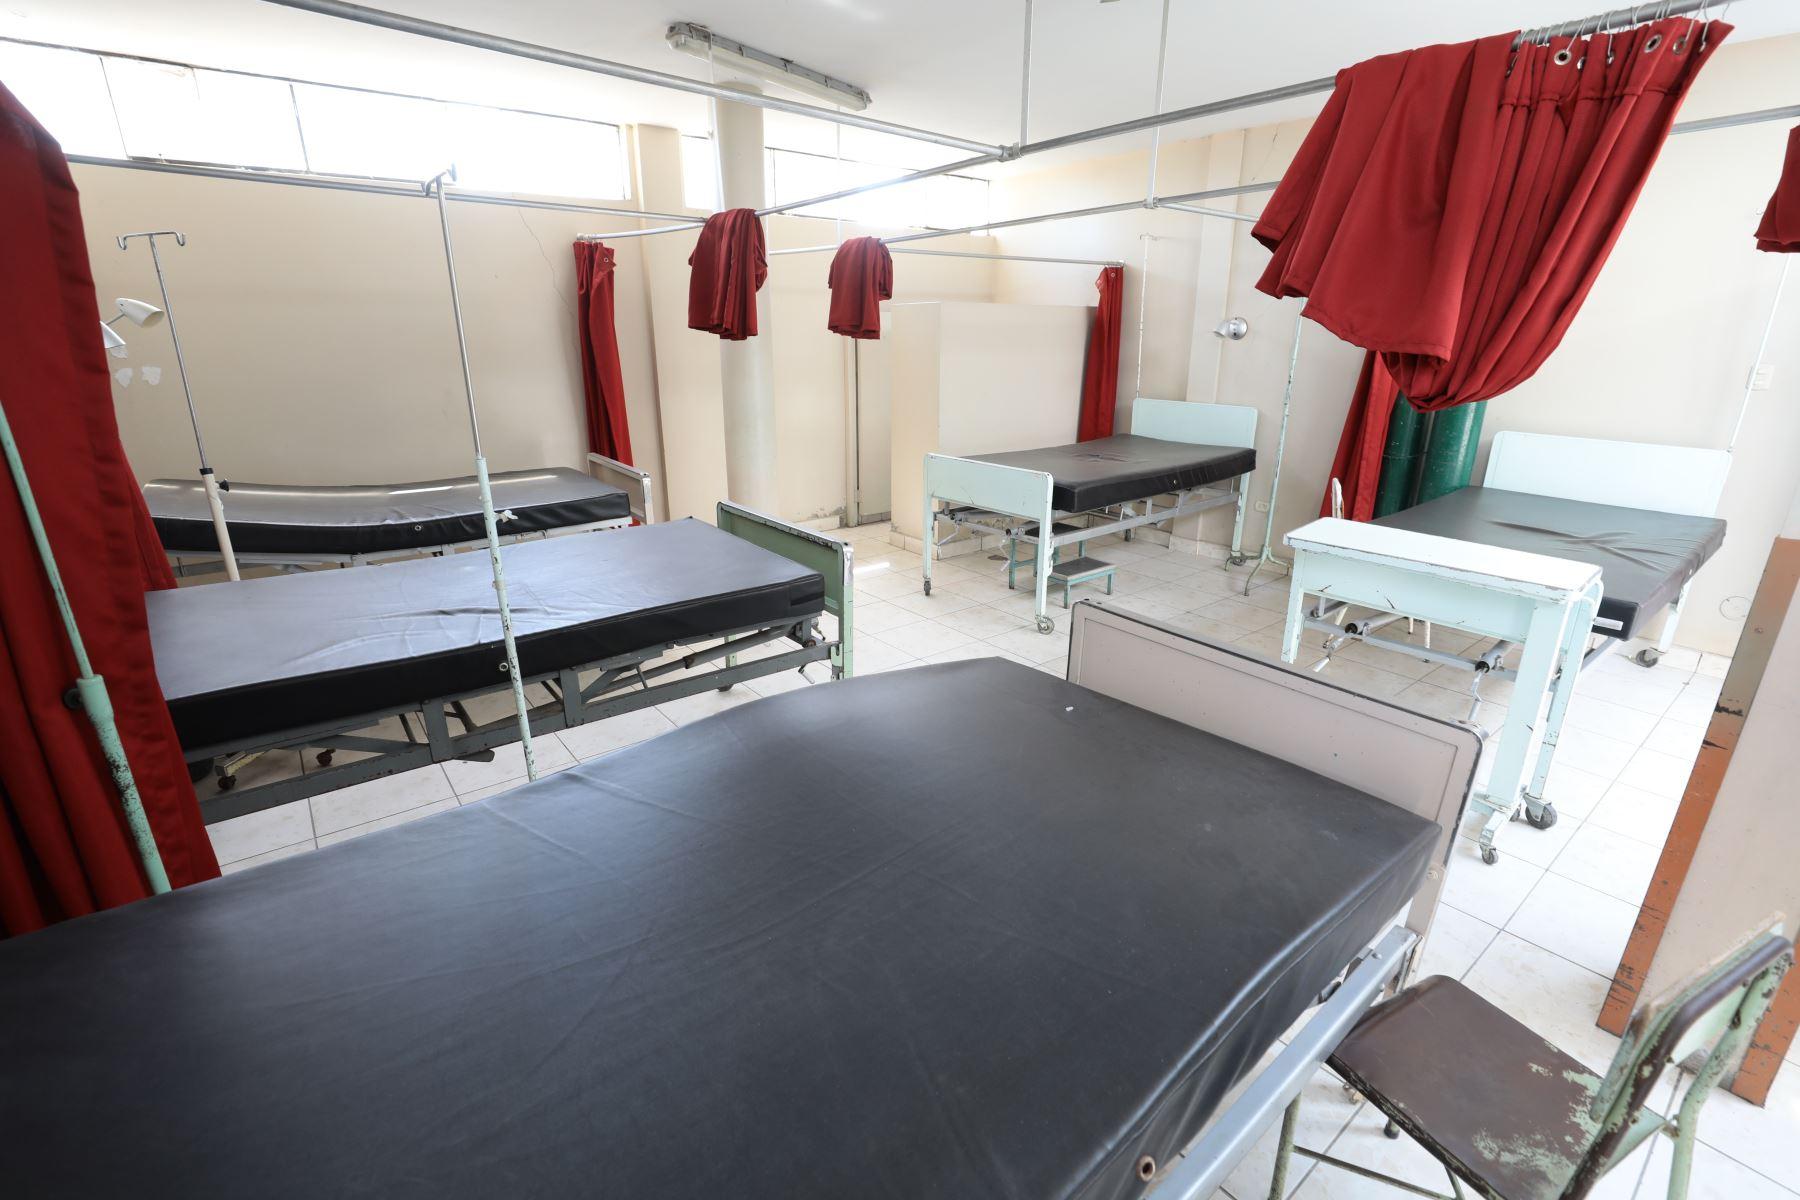 Equipo multidisciplinario de EsSalud que supervisa el acondicionamiento y remodelación del hospital de Tumán en Lambayeque. Foto:Essalud